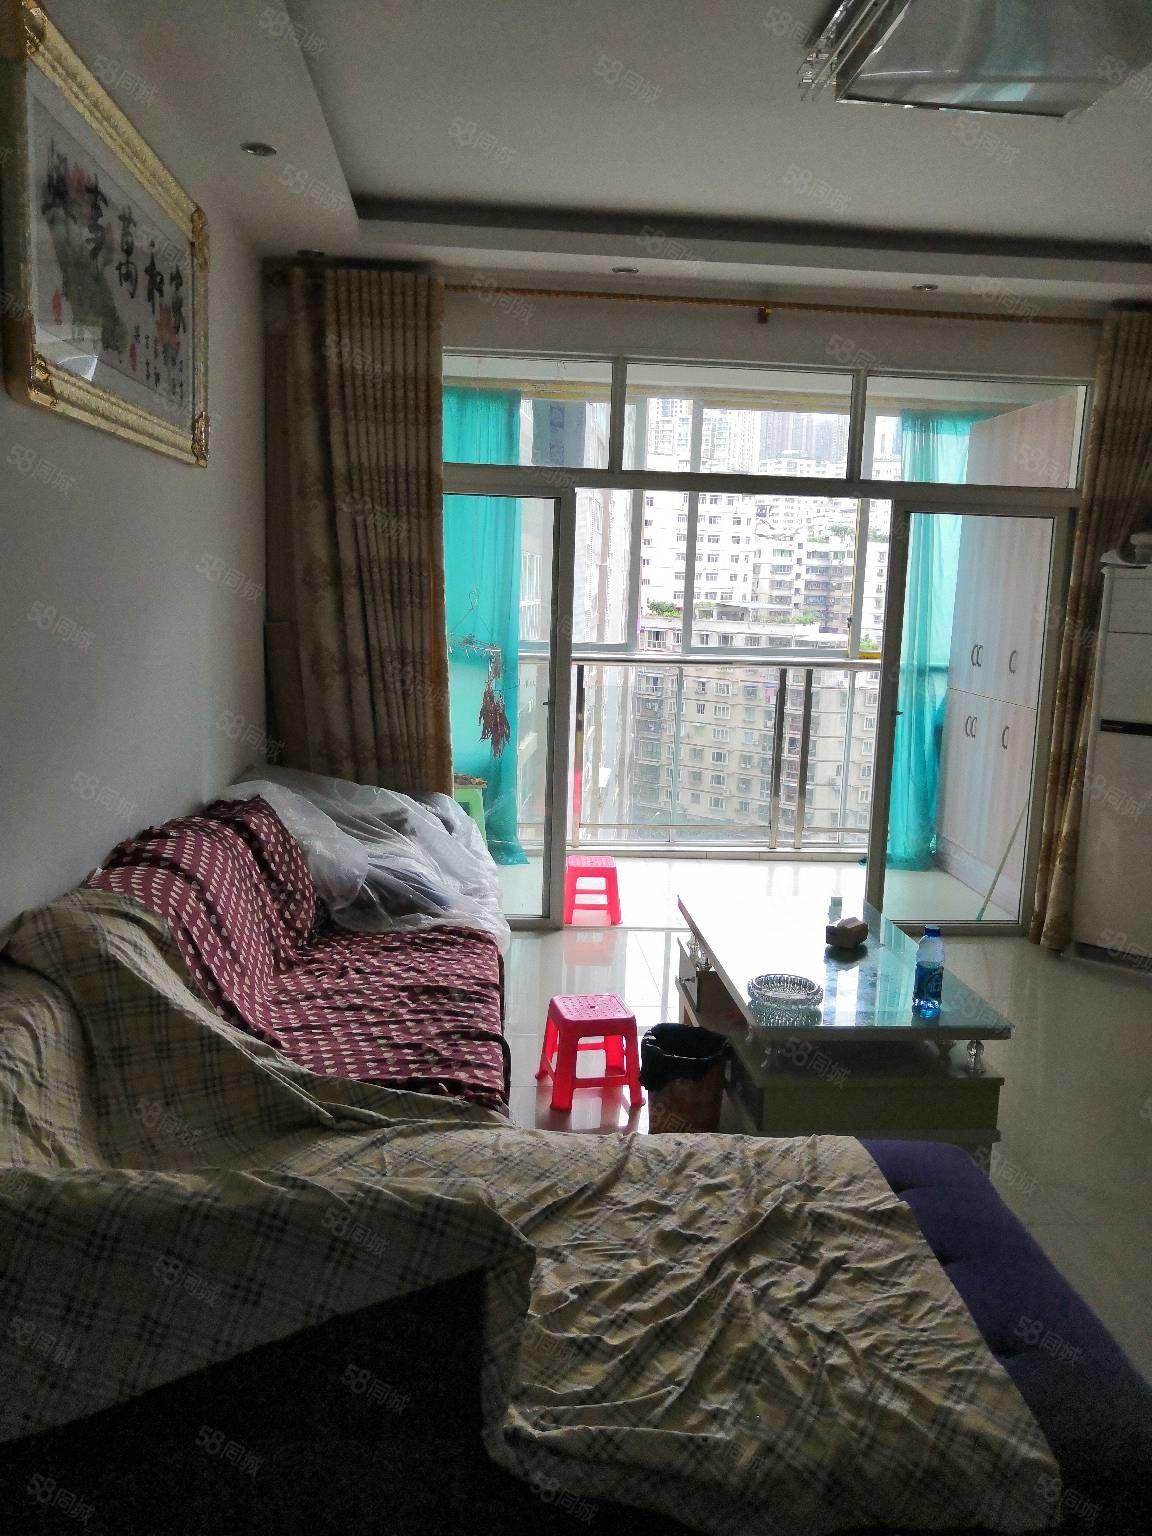 香山湖精装大户型带家具家电急卖!三室两厅两卫一厨一阳台101